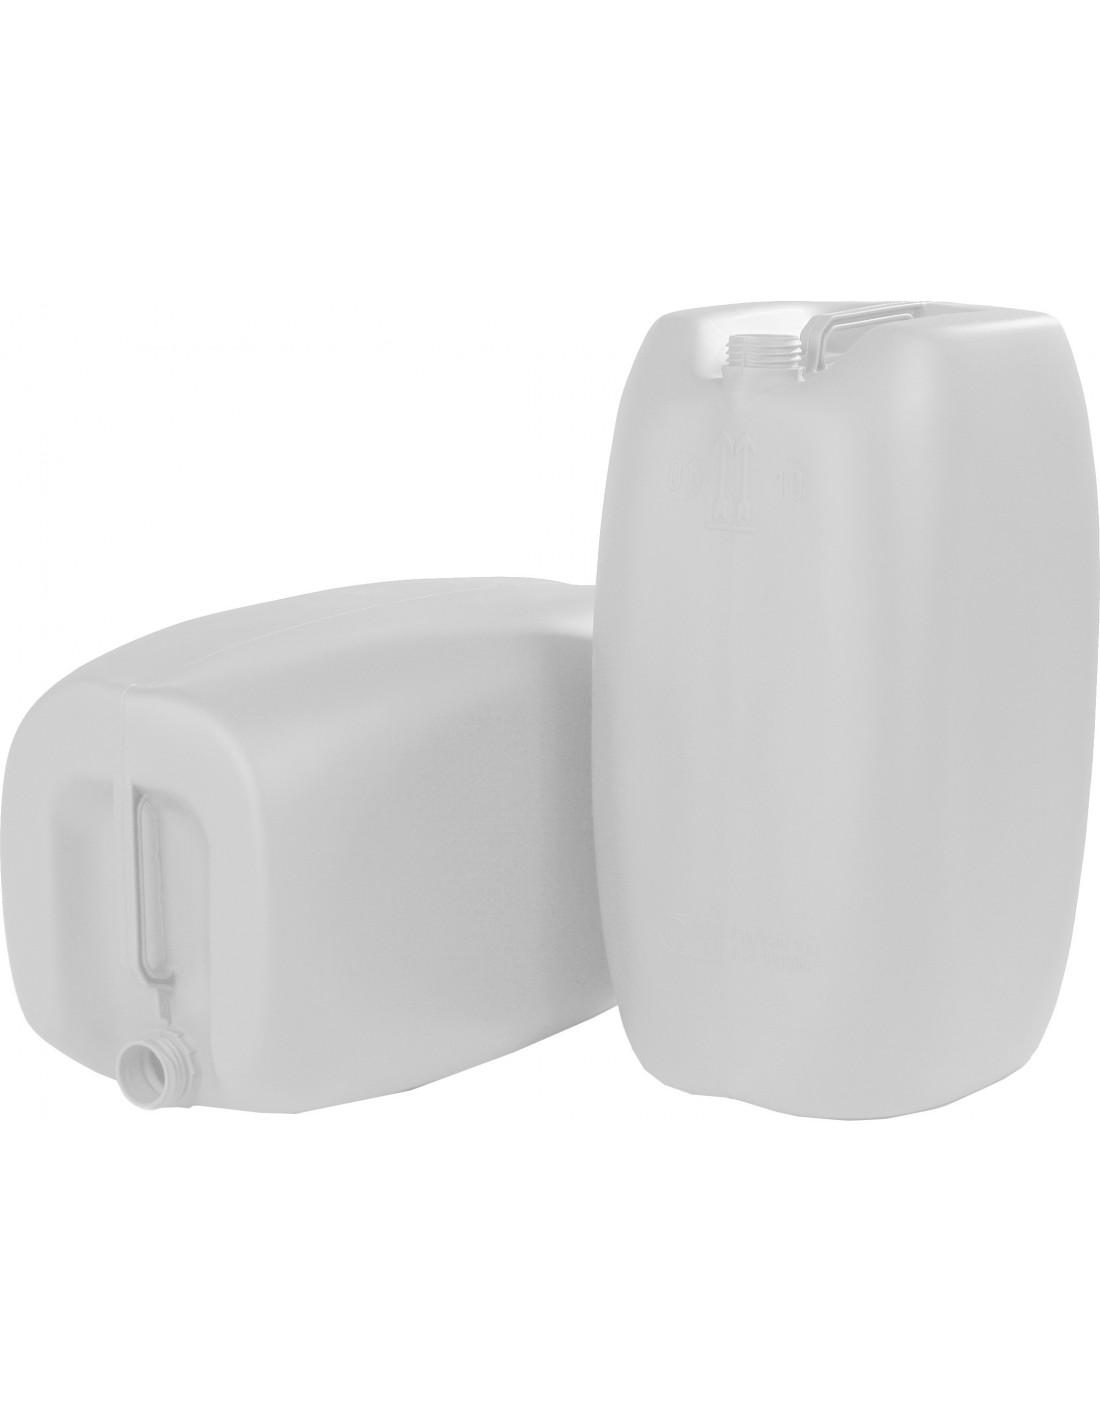 60 Liter Kanister UN-X ohne Verschluss, Mittelgriff